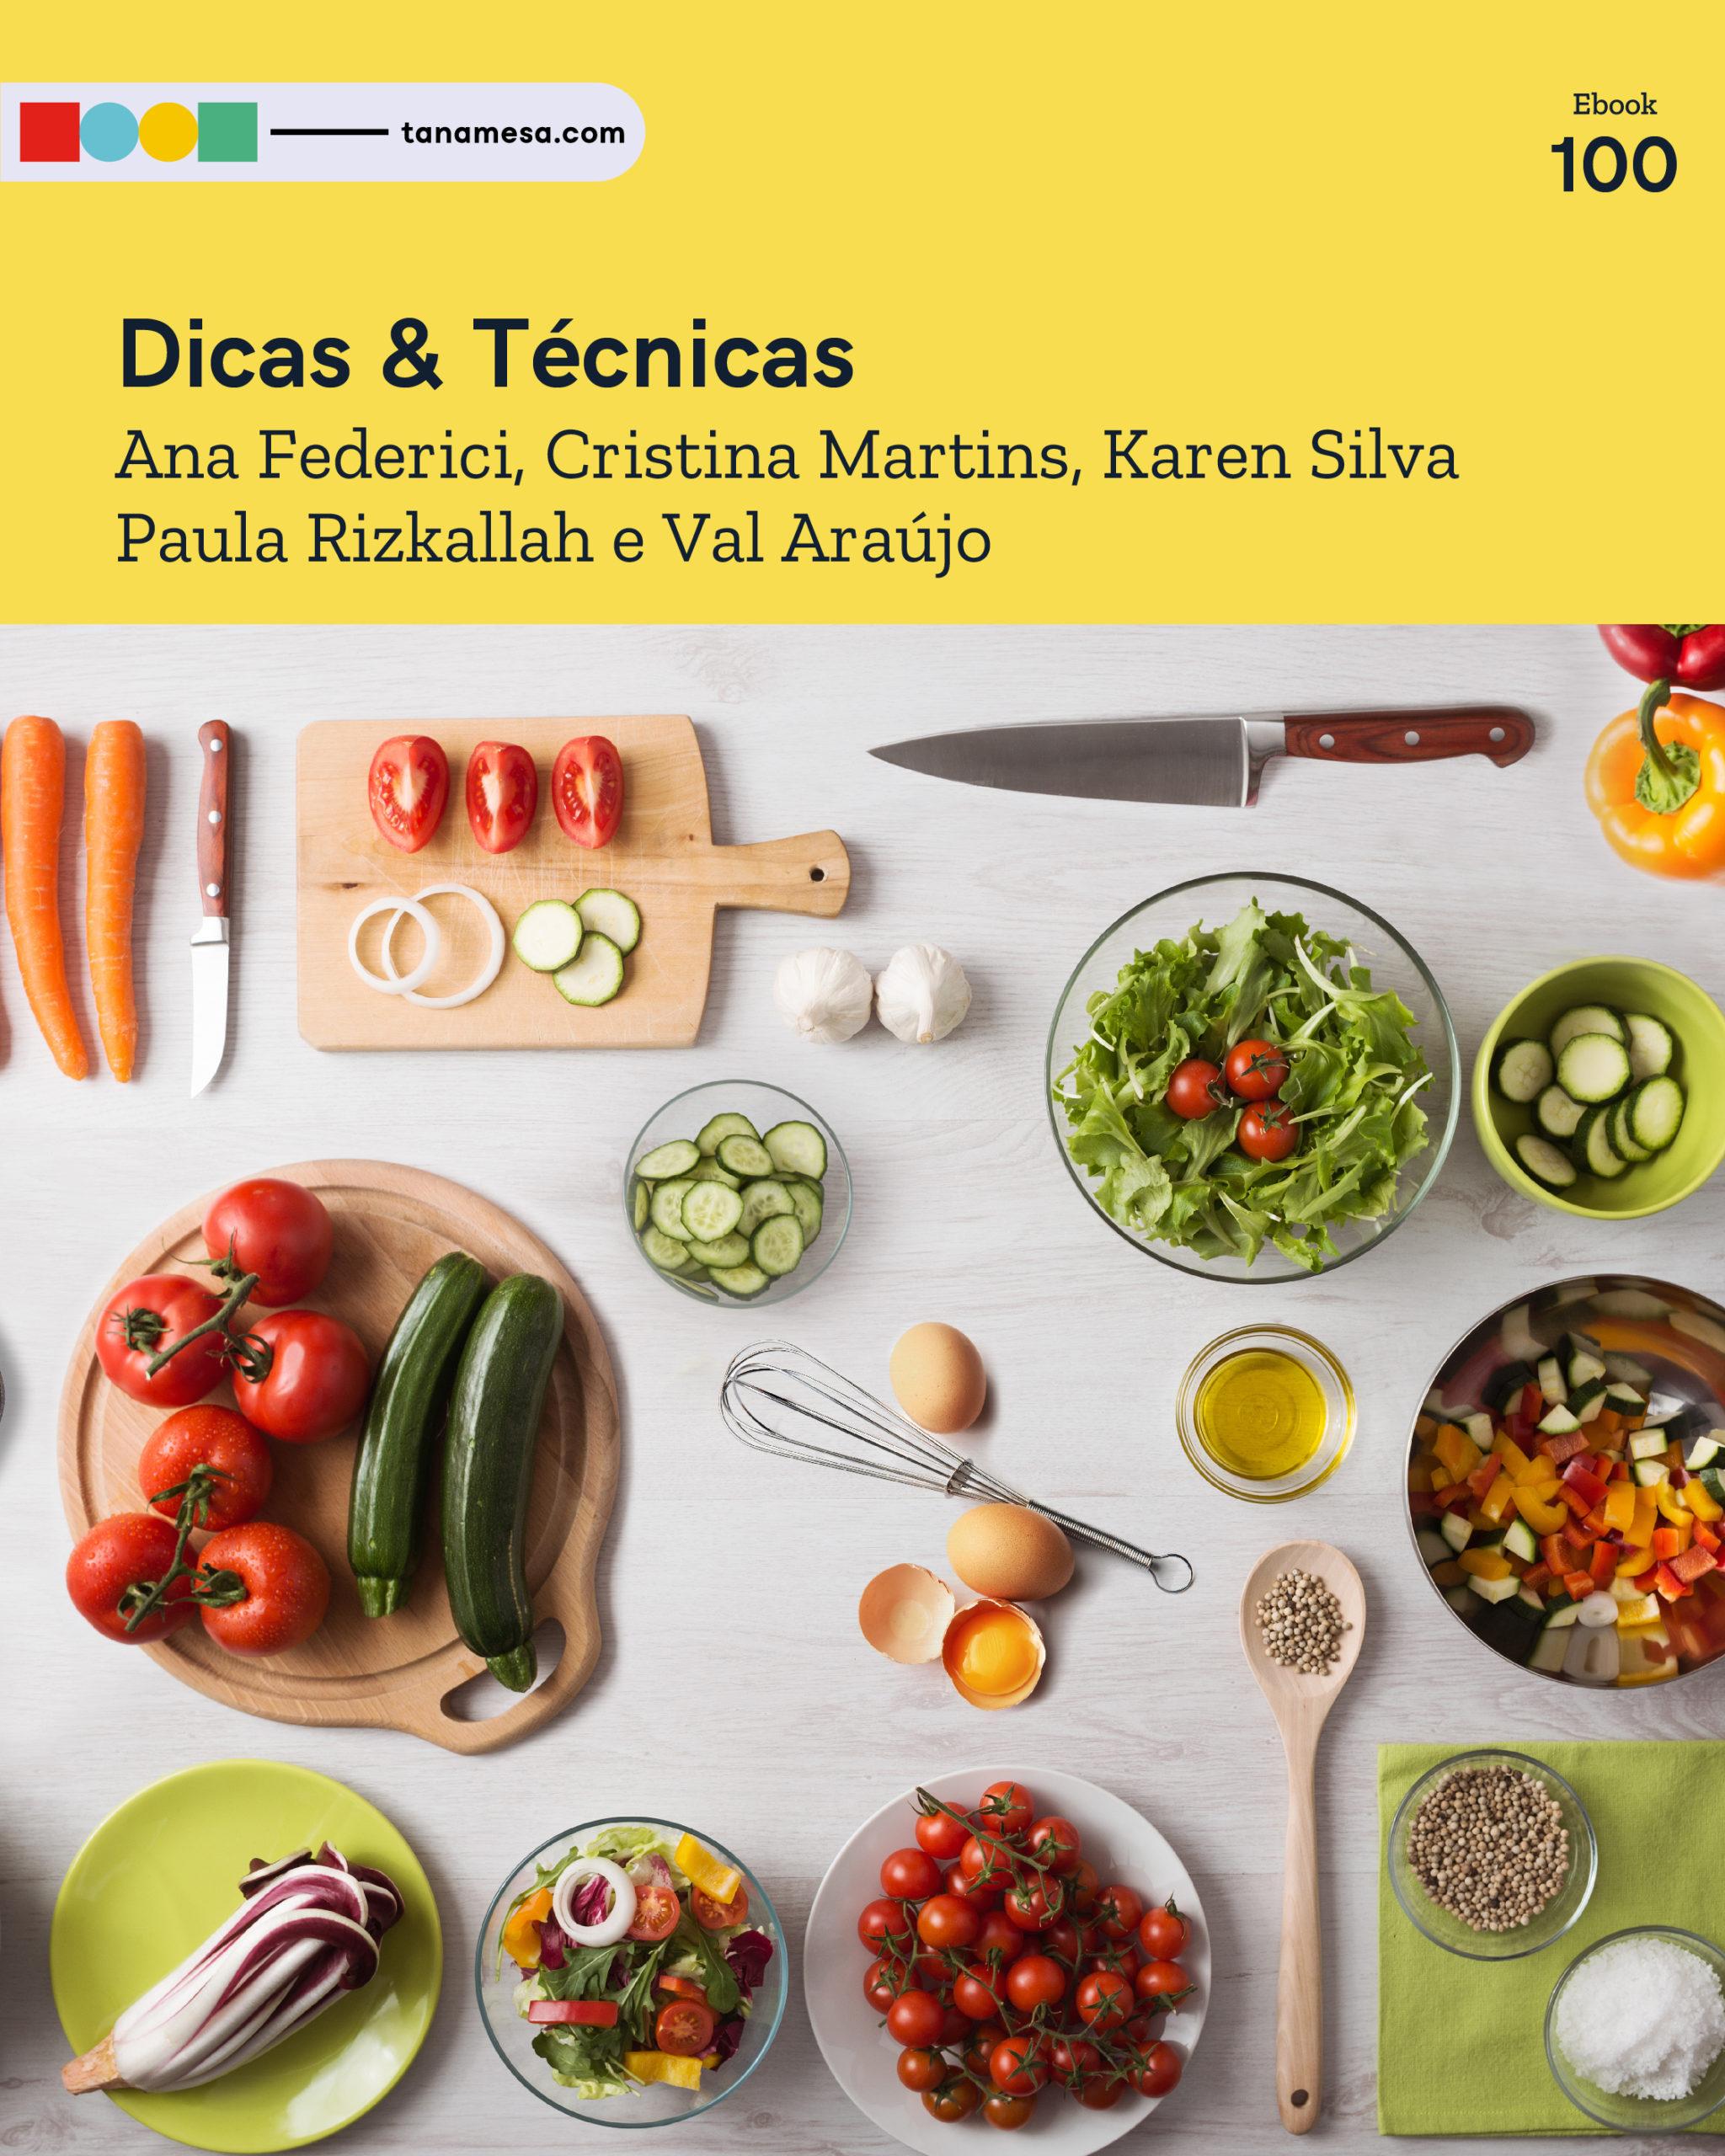 Dicas & Técnicas